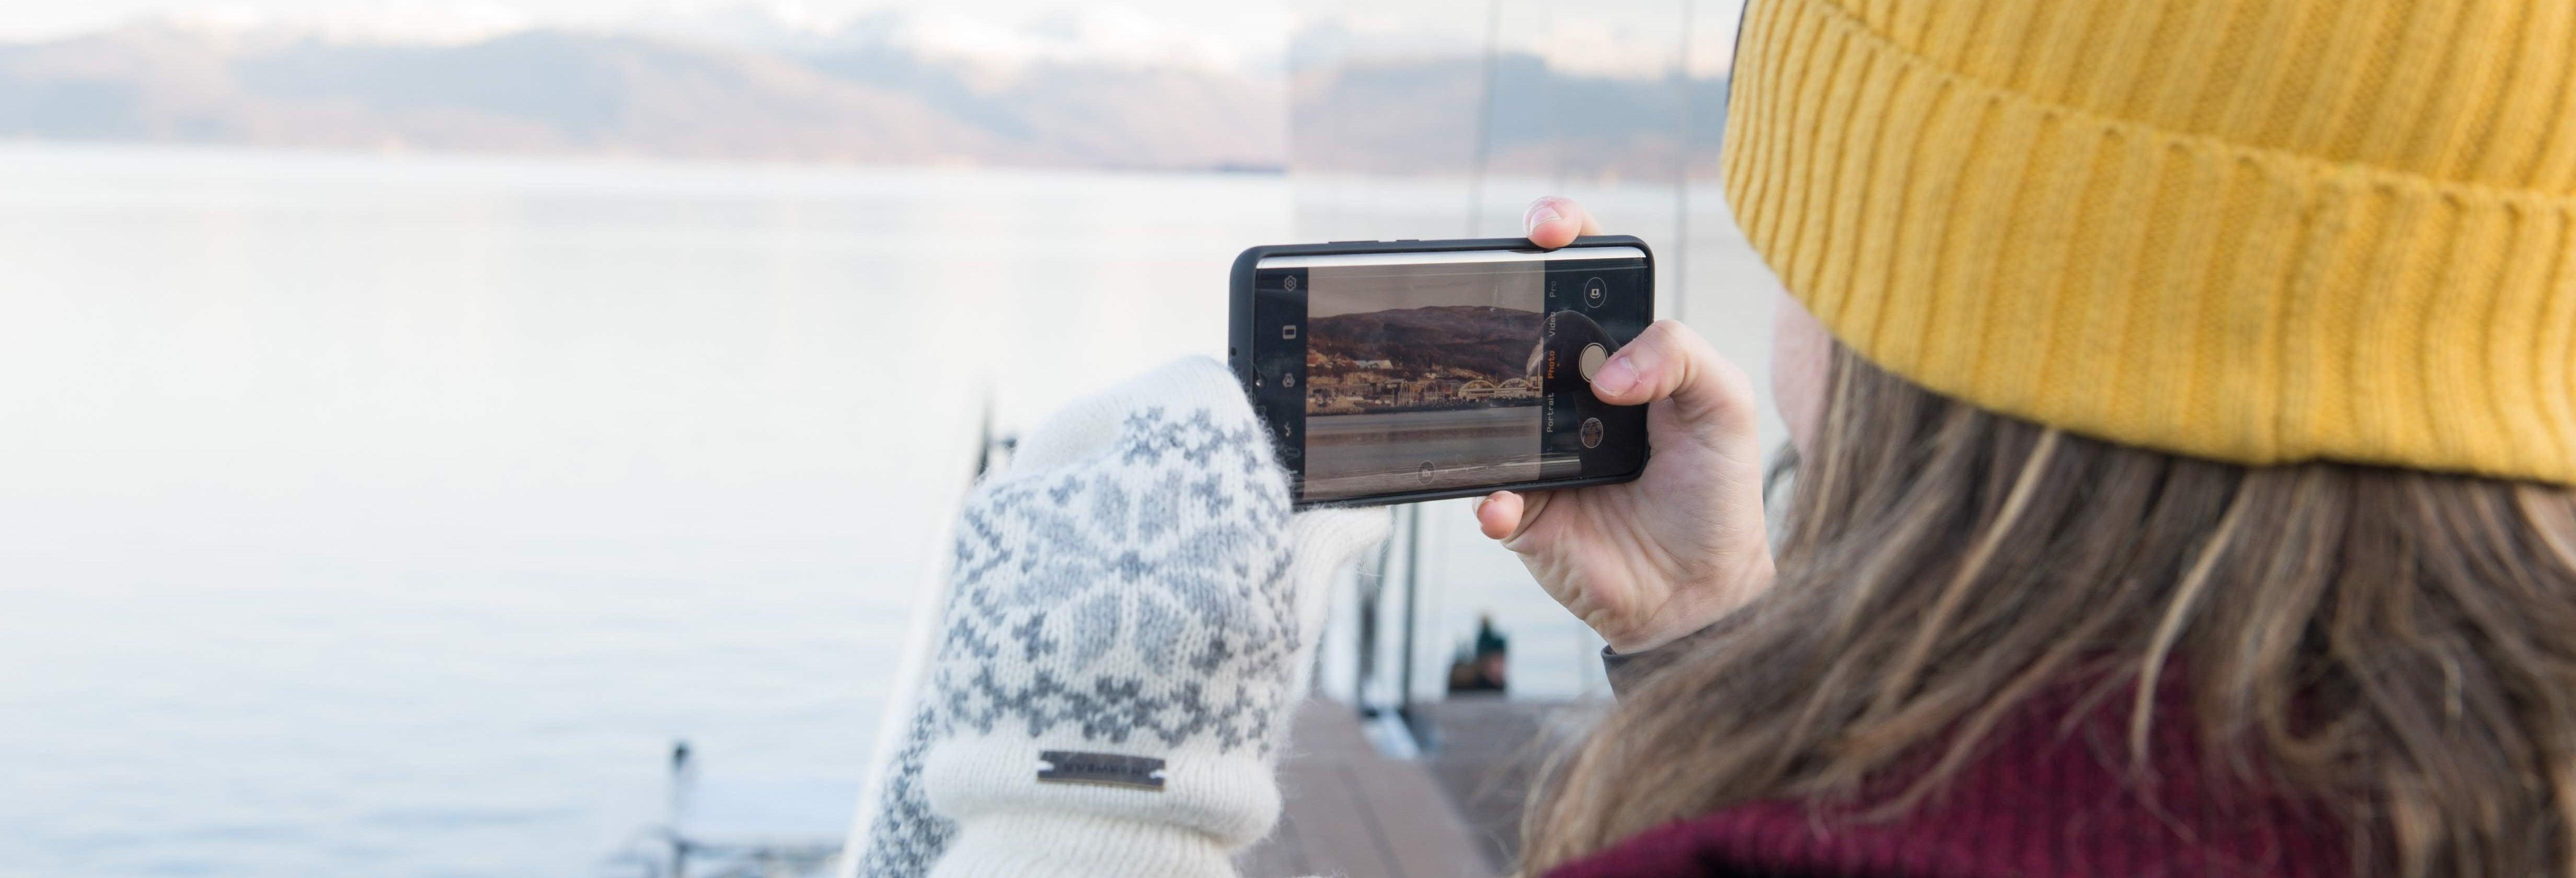 Crociera tra i fiordi artici